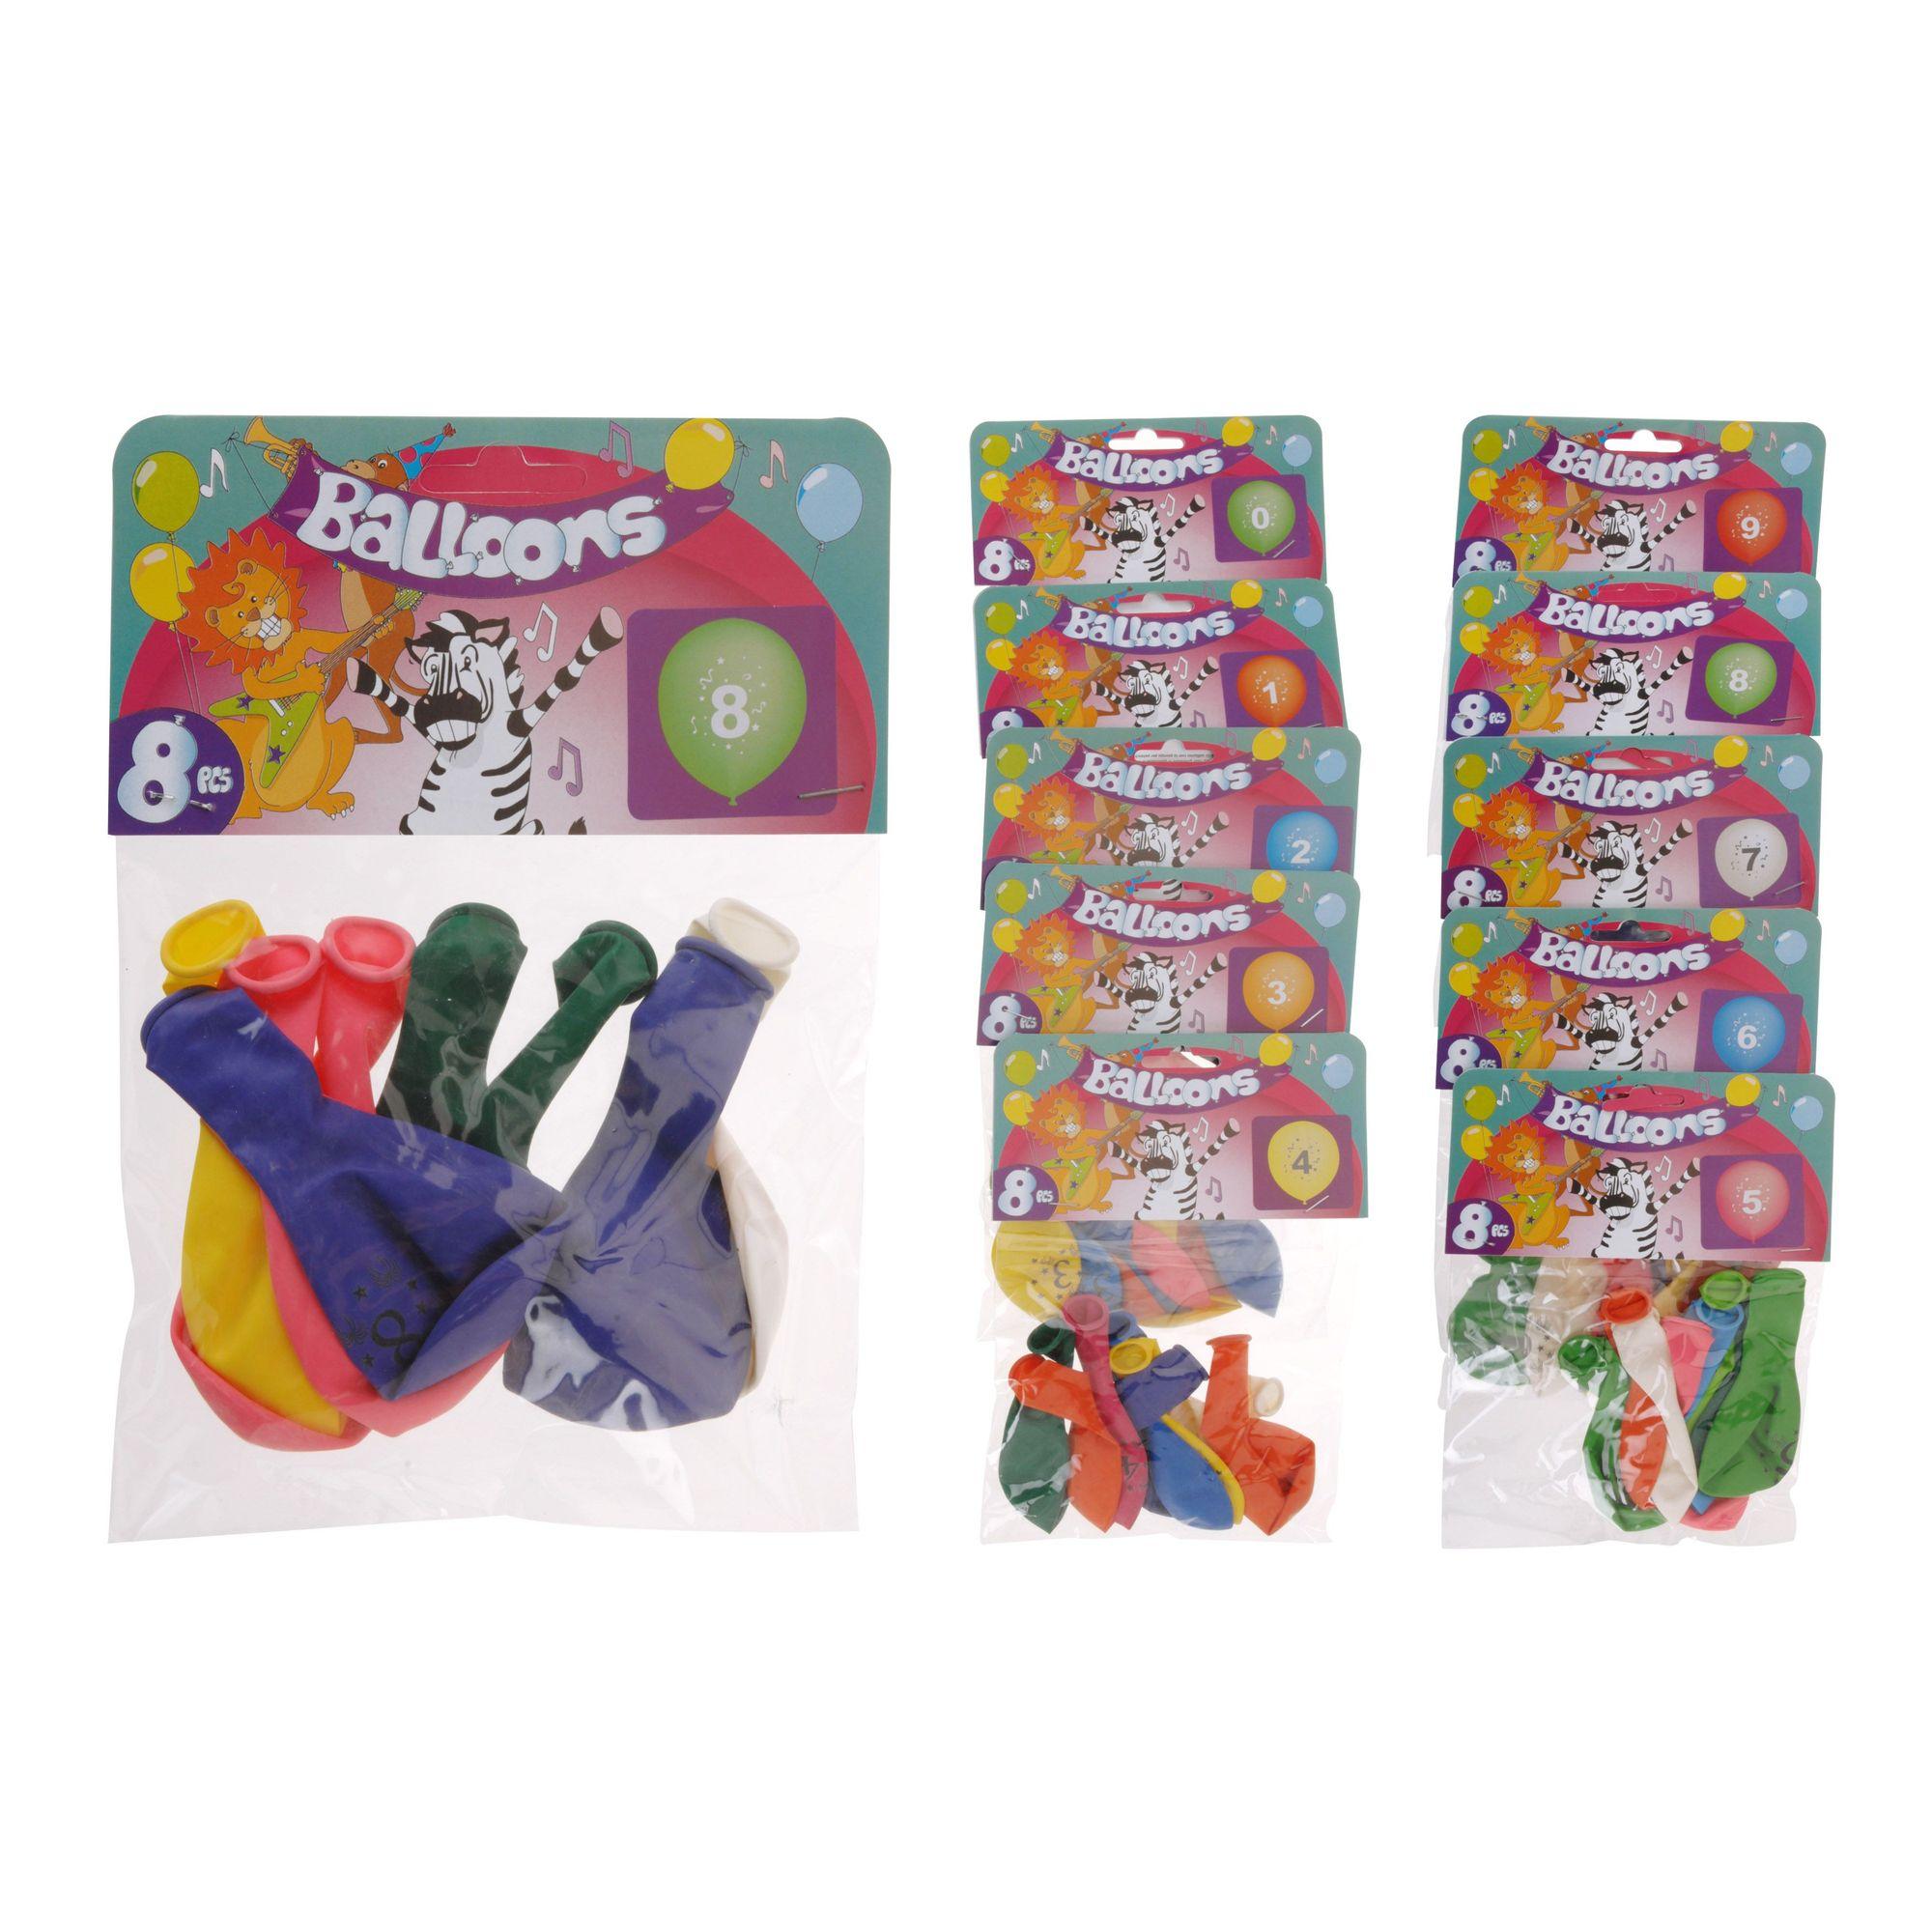 Набор шаров надувных (8шт)Даже если у вашего ребенка много игрушек, воздушному шарику он обязательно обрадуется. Чтобы развеселить ребенка, достаточно нескольких штук, поэтому можно приобрести набор шаров надувных (8 шт) торговой марки Экселент Хаусвейр. В нем предусмотрены шары разноцветные, достаточно крупные, но не предназначенные для моделирования.Из небольшого количества шаров не получится создать сложную композицию, но собрать в букет, эффектно запустить в небо или декорировать маленькую комнату вполне возможно. Это позволит сделать обычное помещение более праздничным, поднять настроение виновнику торжества. Если в рамках праздника проводятся веселые конкурсы, то латексный воздушный шарик может выступить в качестве подарка победителю или участнику.<br>